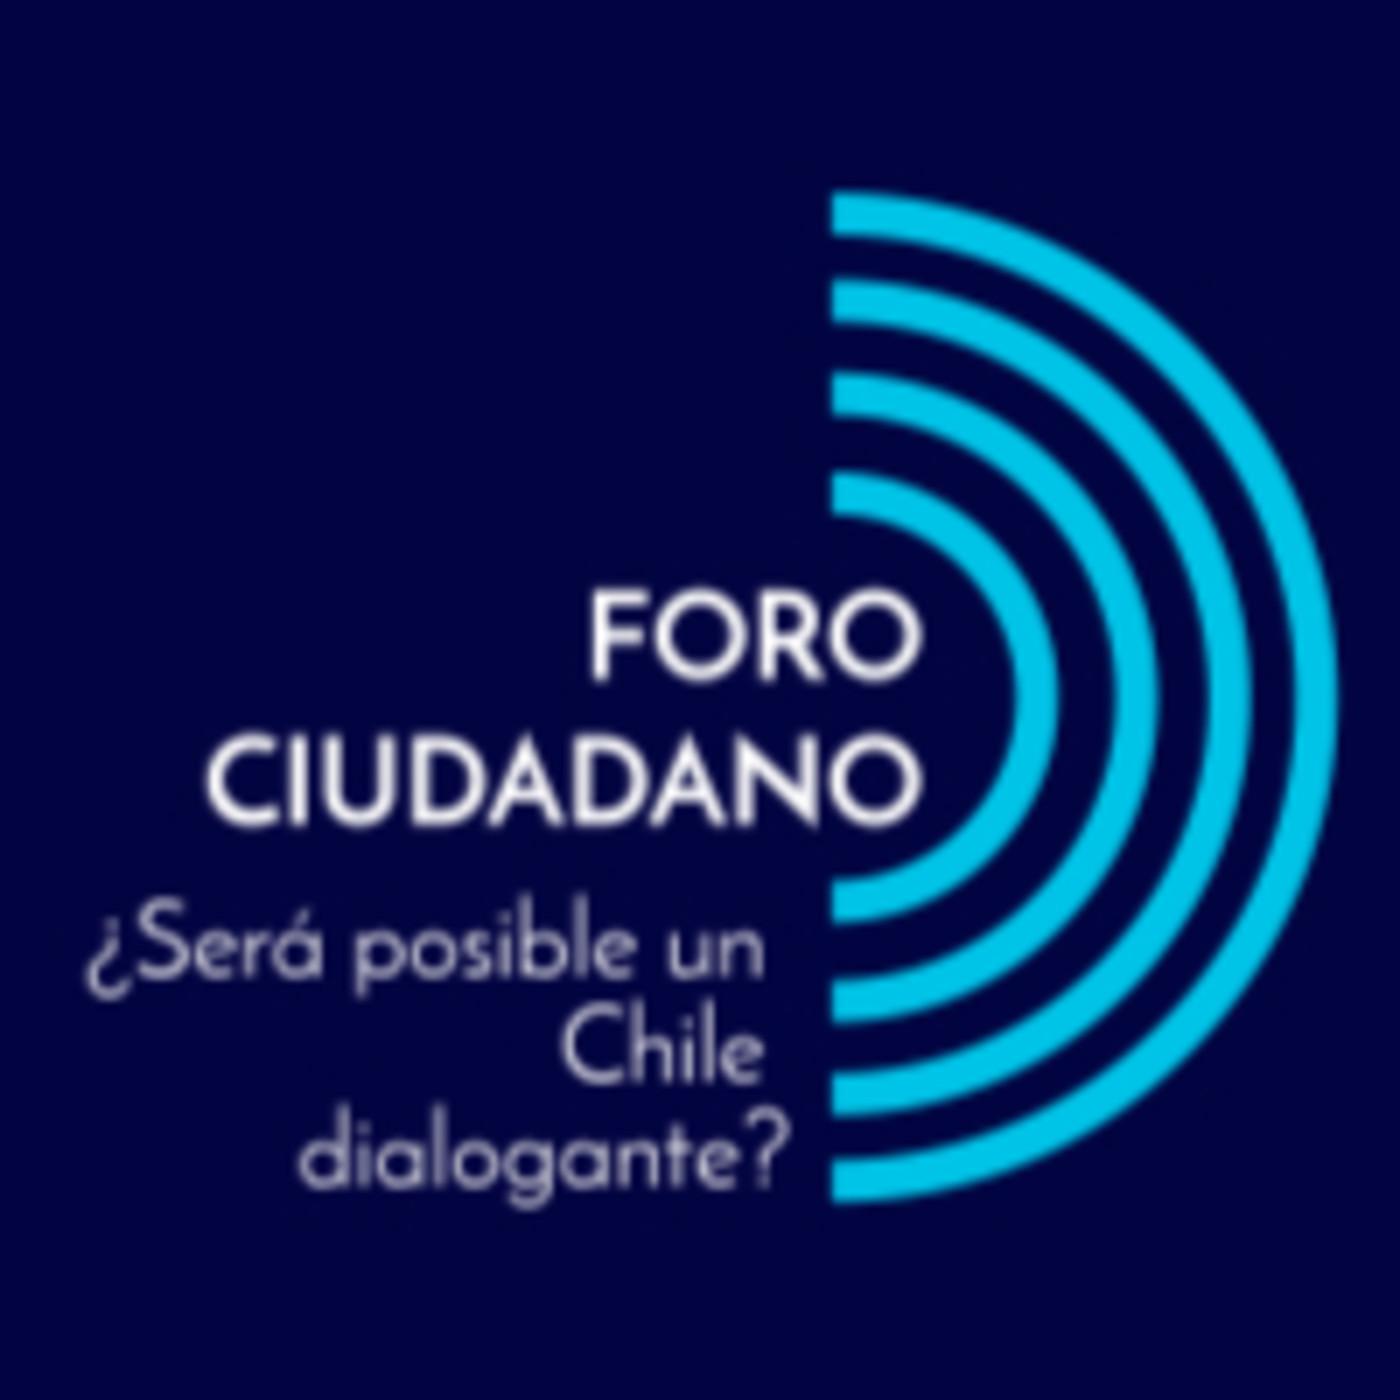 Foro Ciudadano